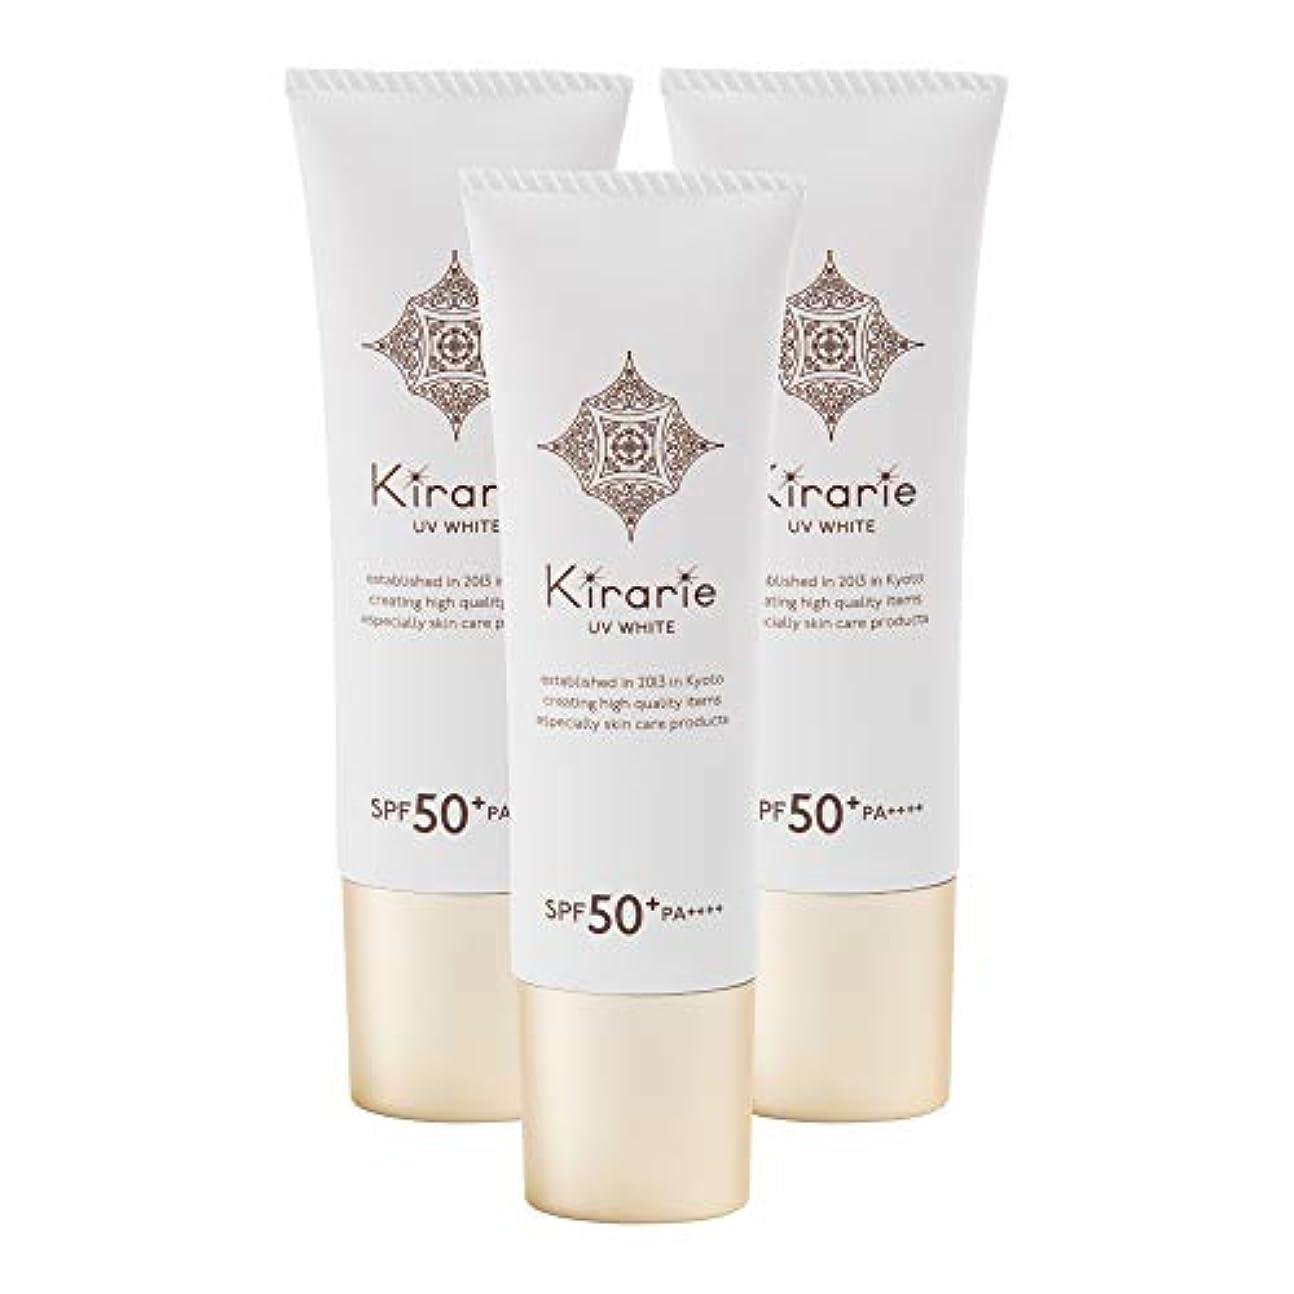 急性香水辛いキラリエUVホワイト 25g 化粧下地にも 日焼け止めクリーム SPF50+プラス PA++++ フォープラス 医薬部外品 薬用美白UVクリーム (3個)